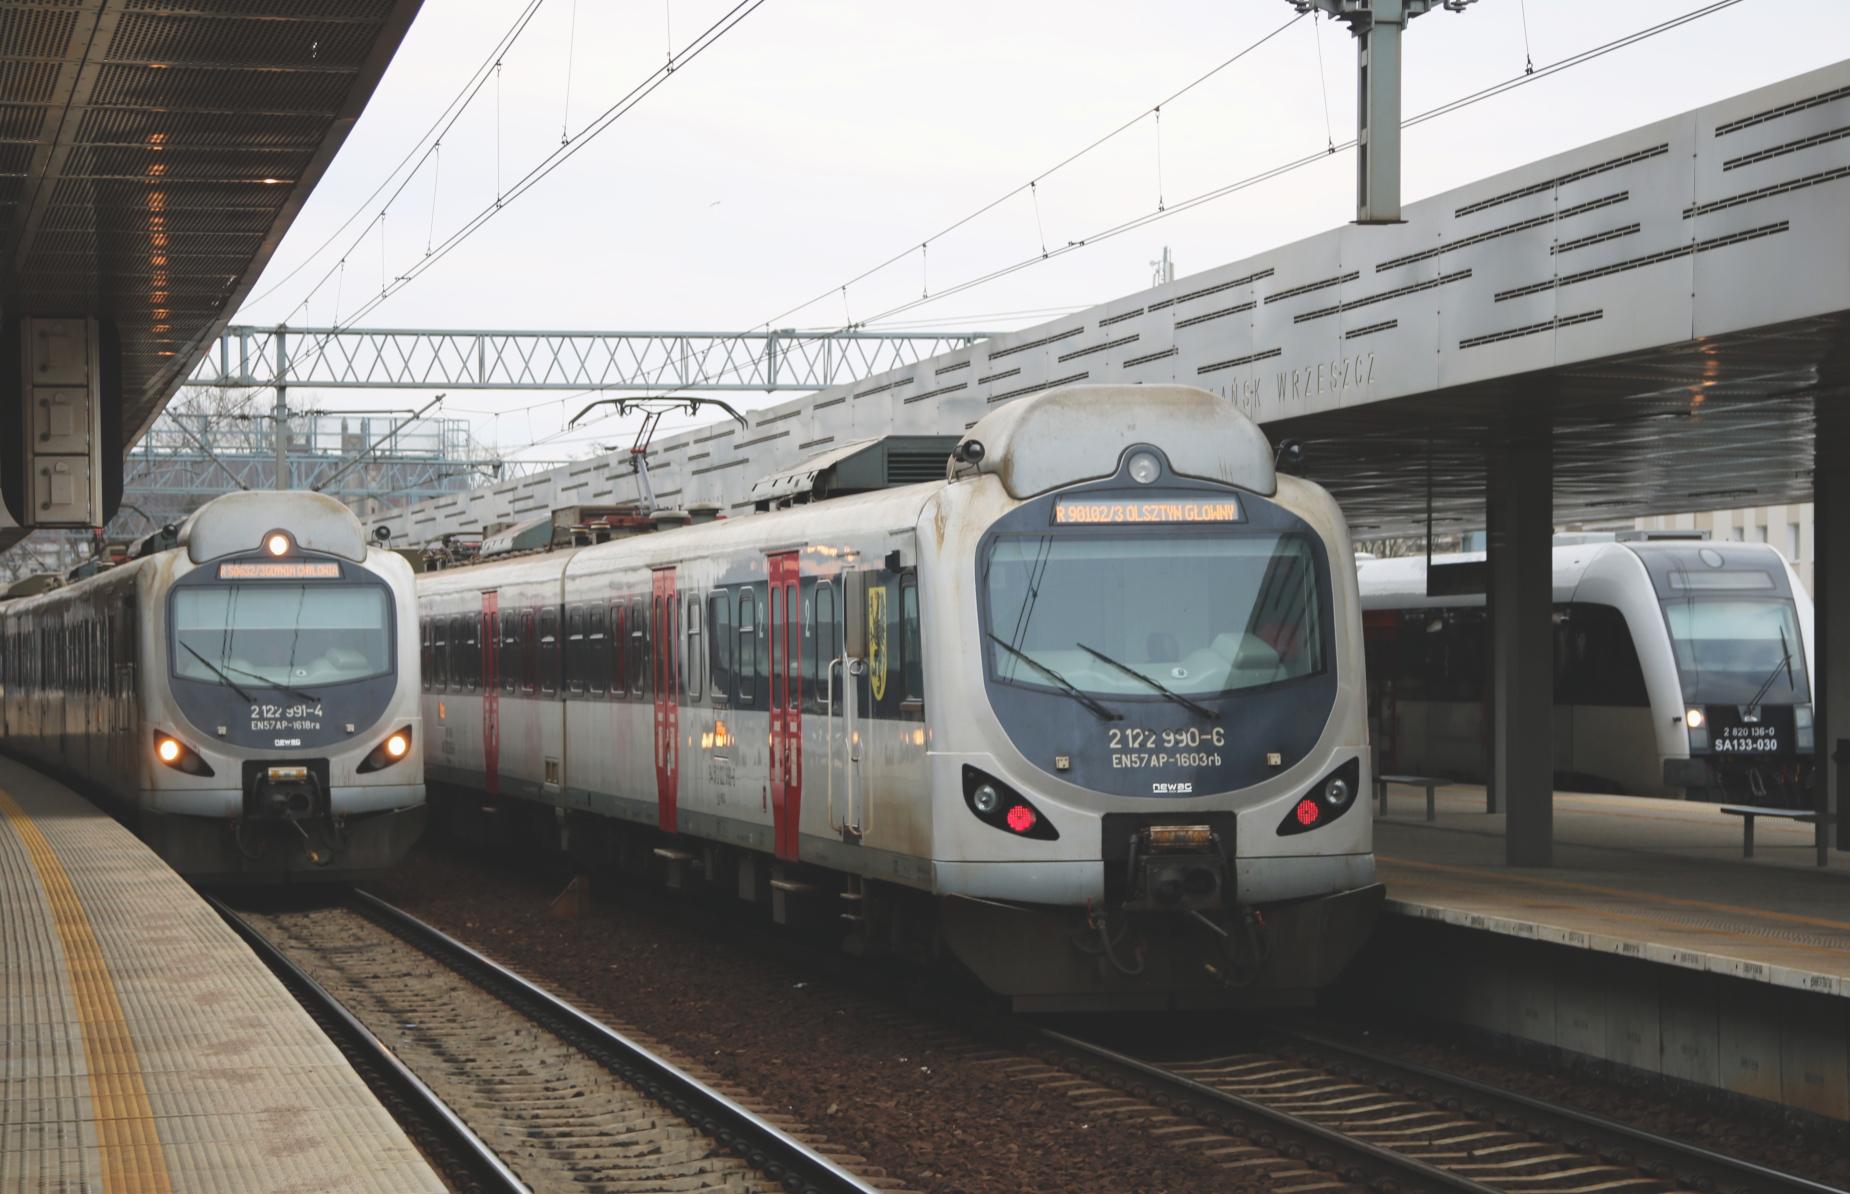 Kilkadziesiąt milionów pasażerów skorzystało z trójmiejskich stacji kolejowych. To drugi wynik w kraju